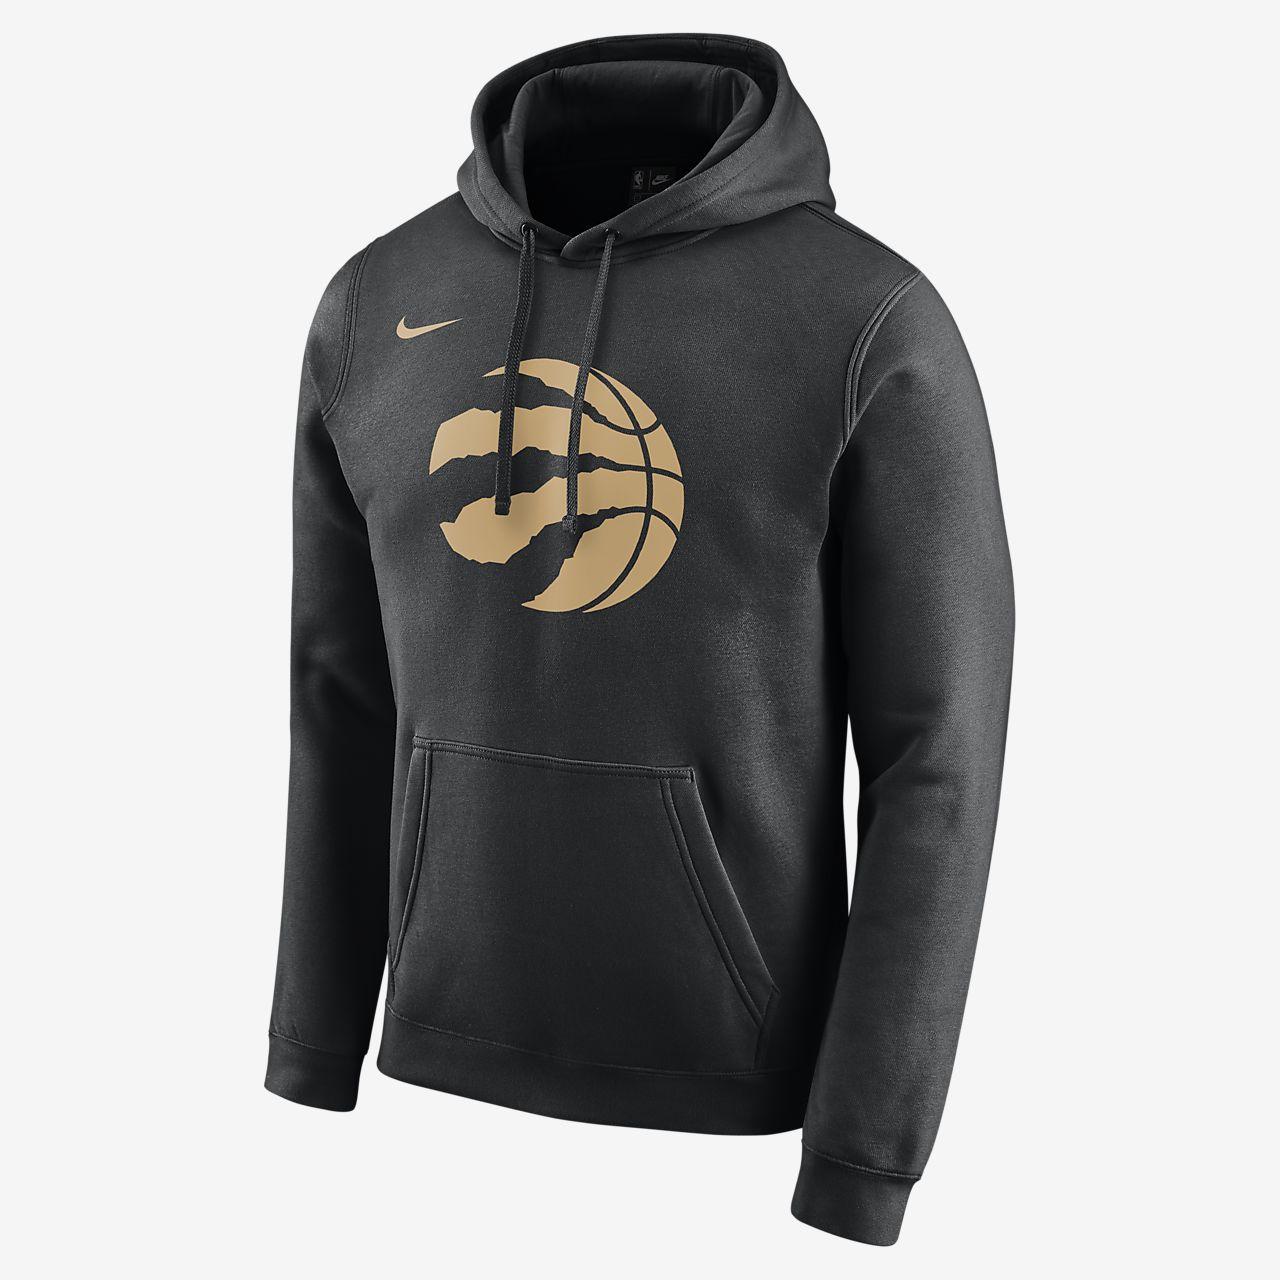 Pánská mikina Nike NBA Raptors City Edition Logo s kapucí